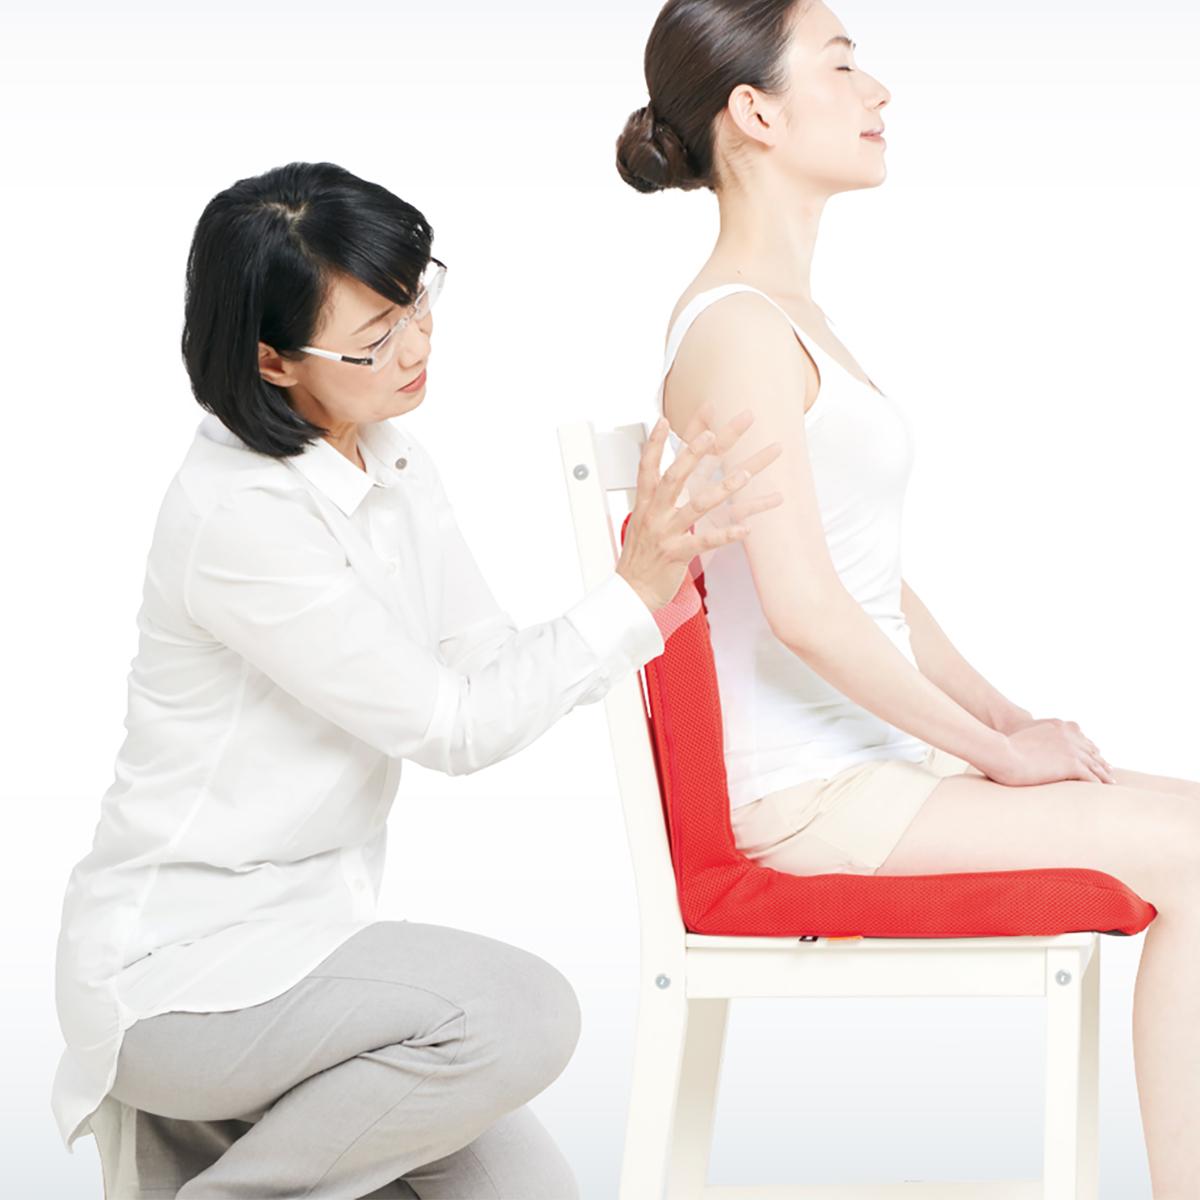 『P!nto』の開発者は、作業療法士歴35年以上の野村寿子(のむら・ひさこ)さん。体にいい姿勢でリラックス!首も腰も好きな角度に調節できる寝椅子|P!nto